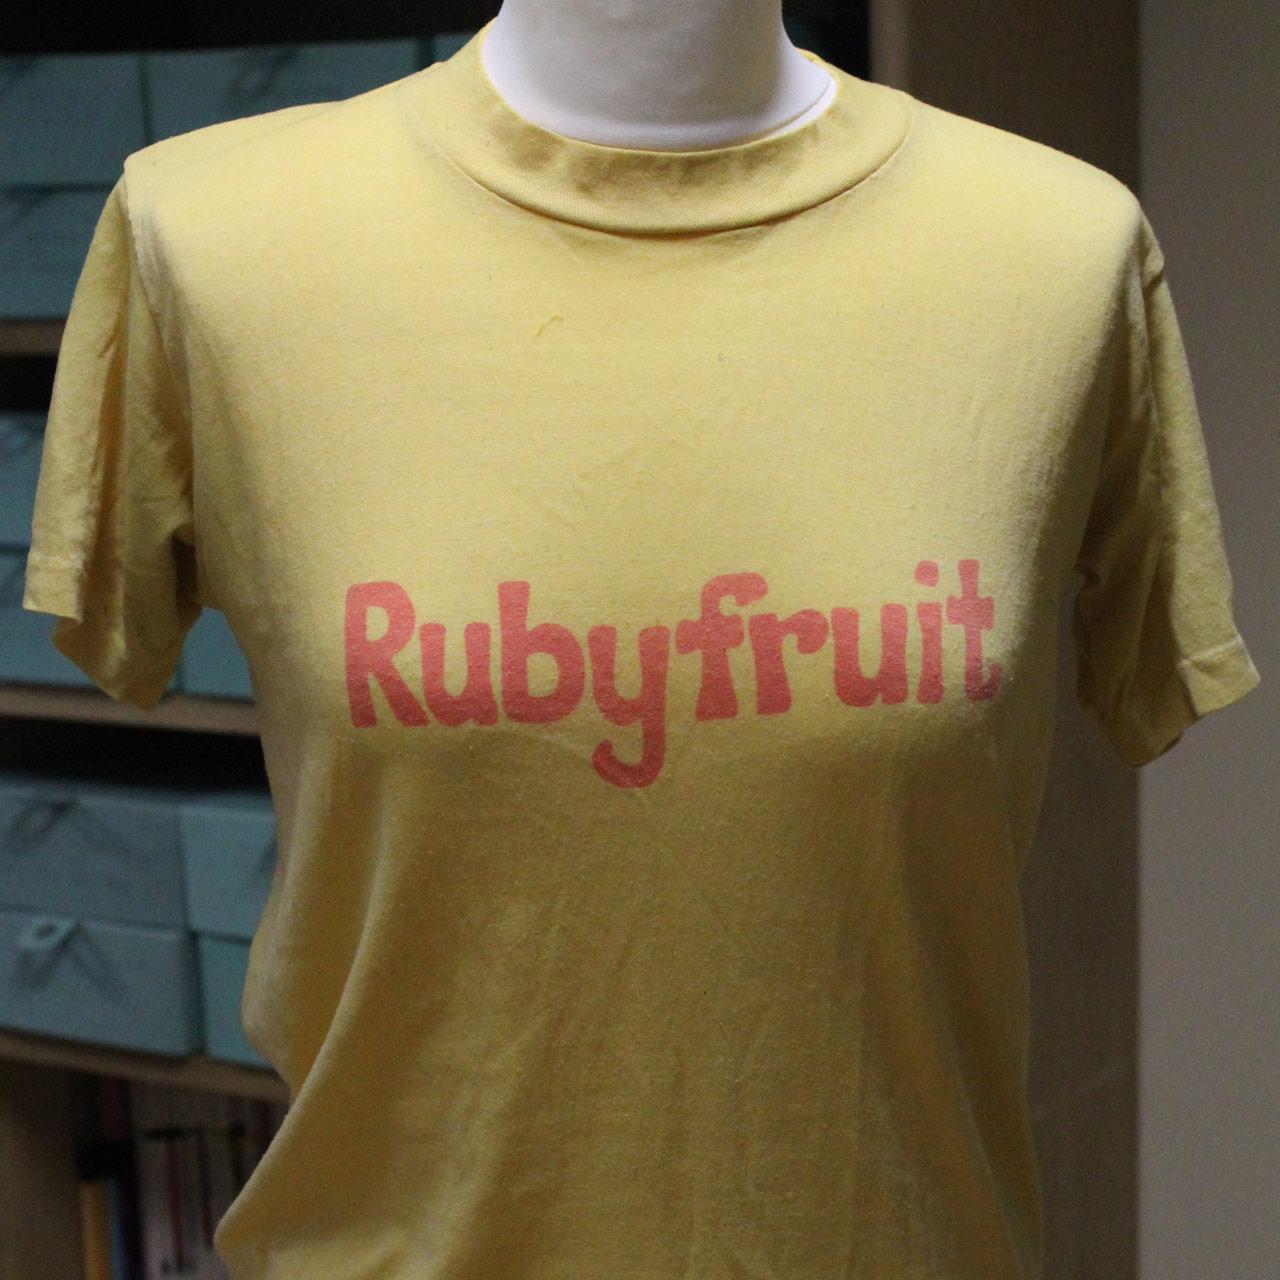 Rubyfruit T-shirt, unknown designer, c. 1980